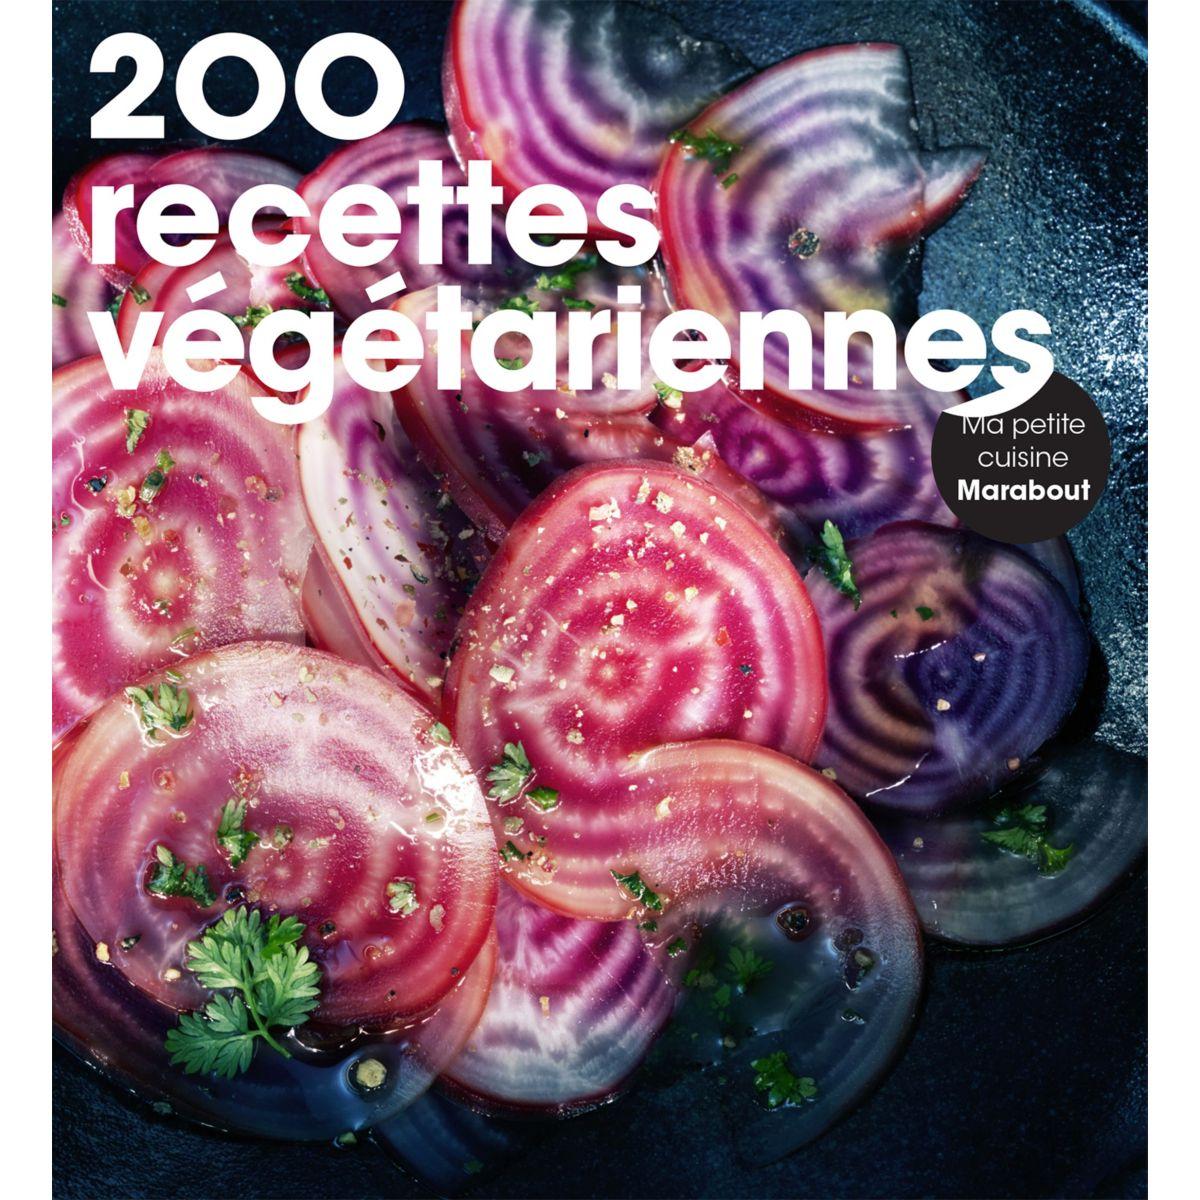 Livre marabout 200 recettes vegetarienne - la sélection webdistrib.com (photo)